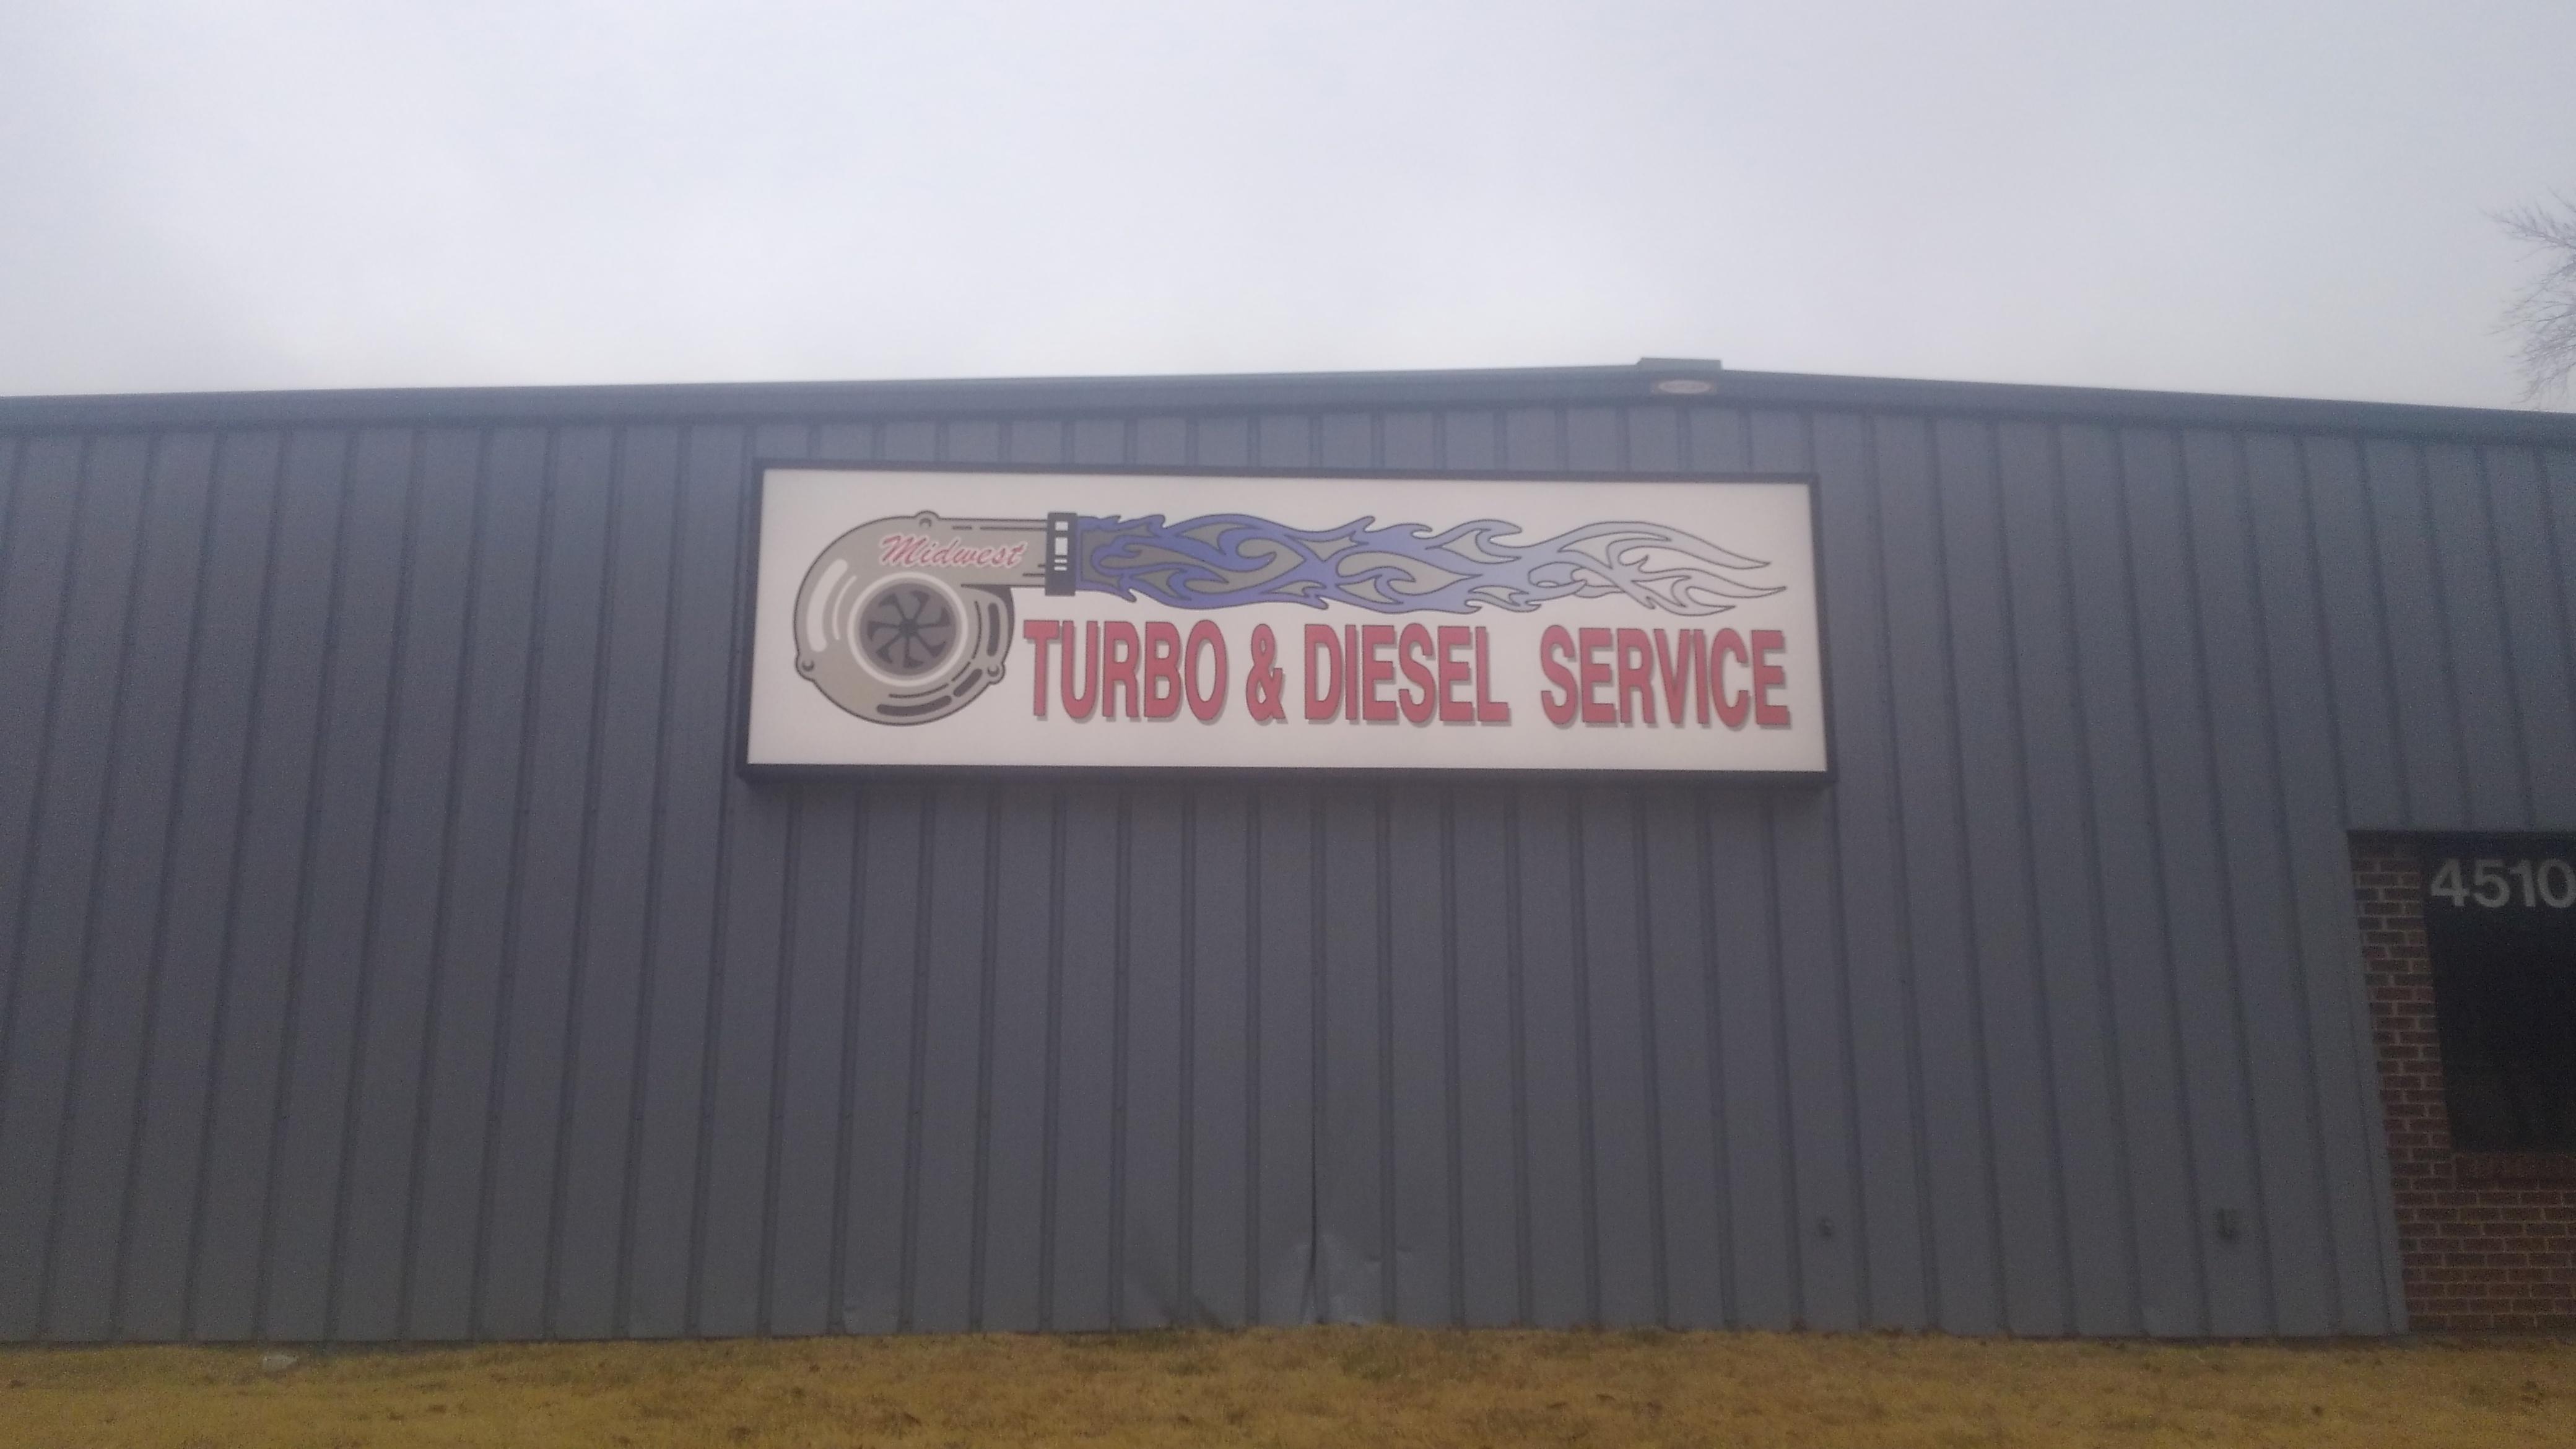 Turbo & Diesel Service